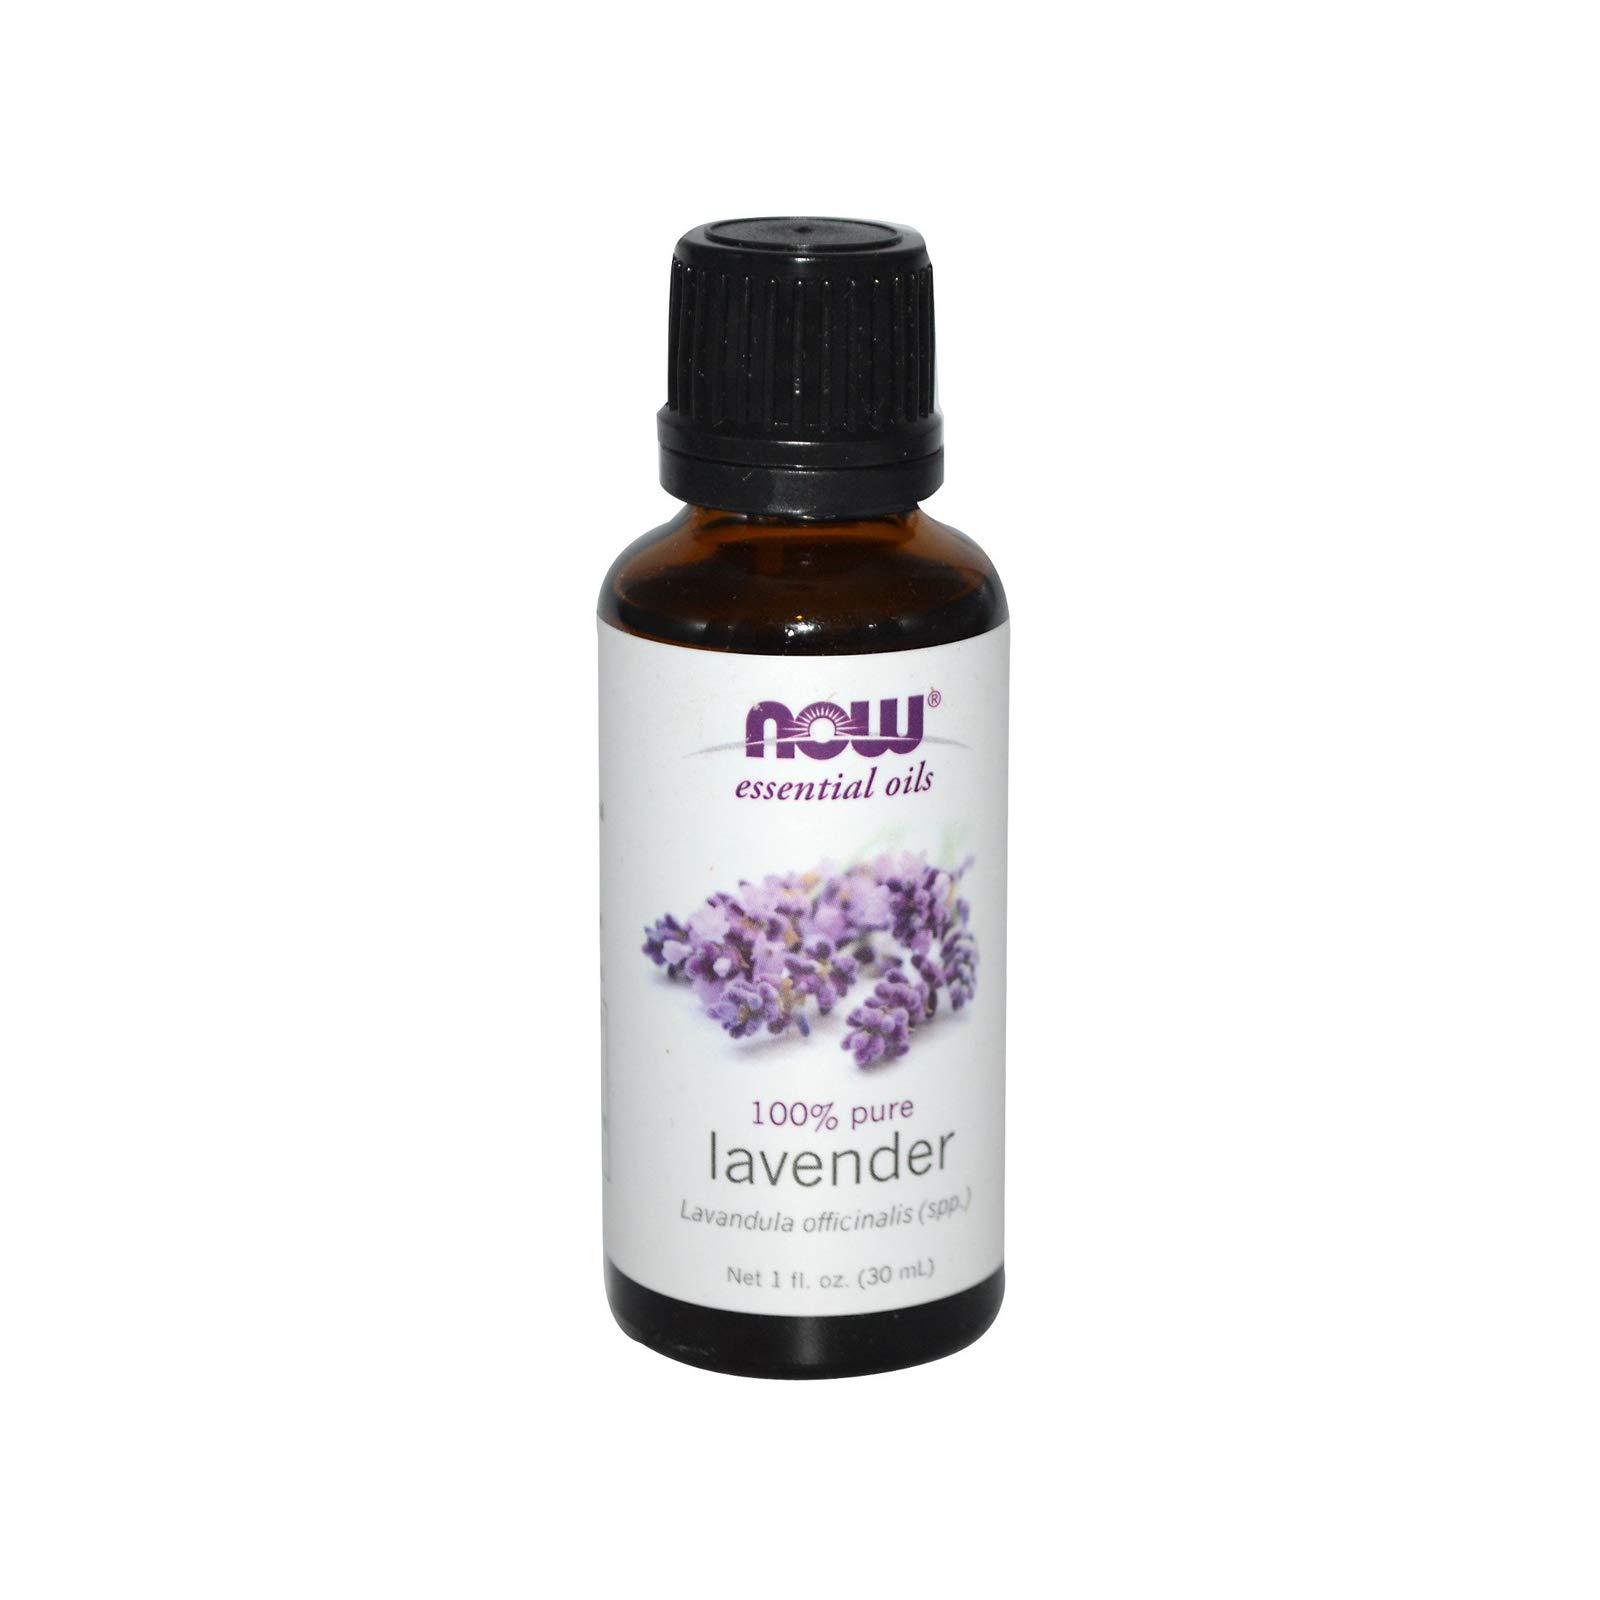 NOW, 100% Pure Lavendar Oil, 1 Oz